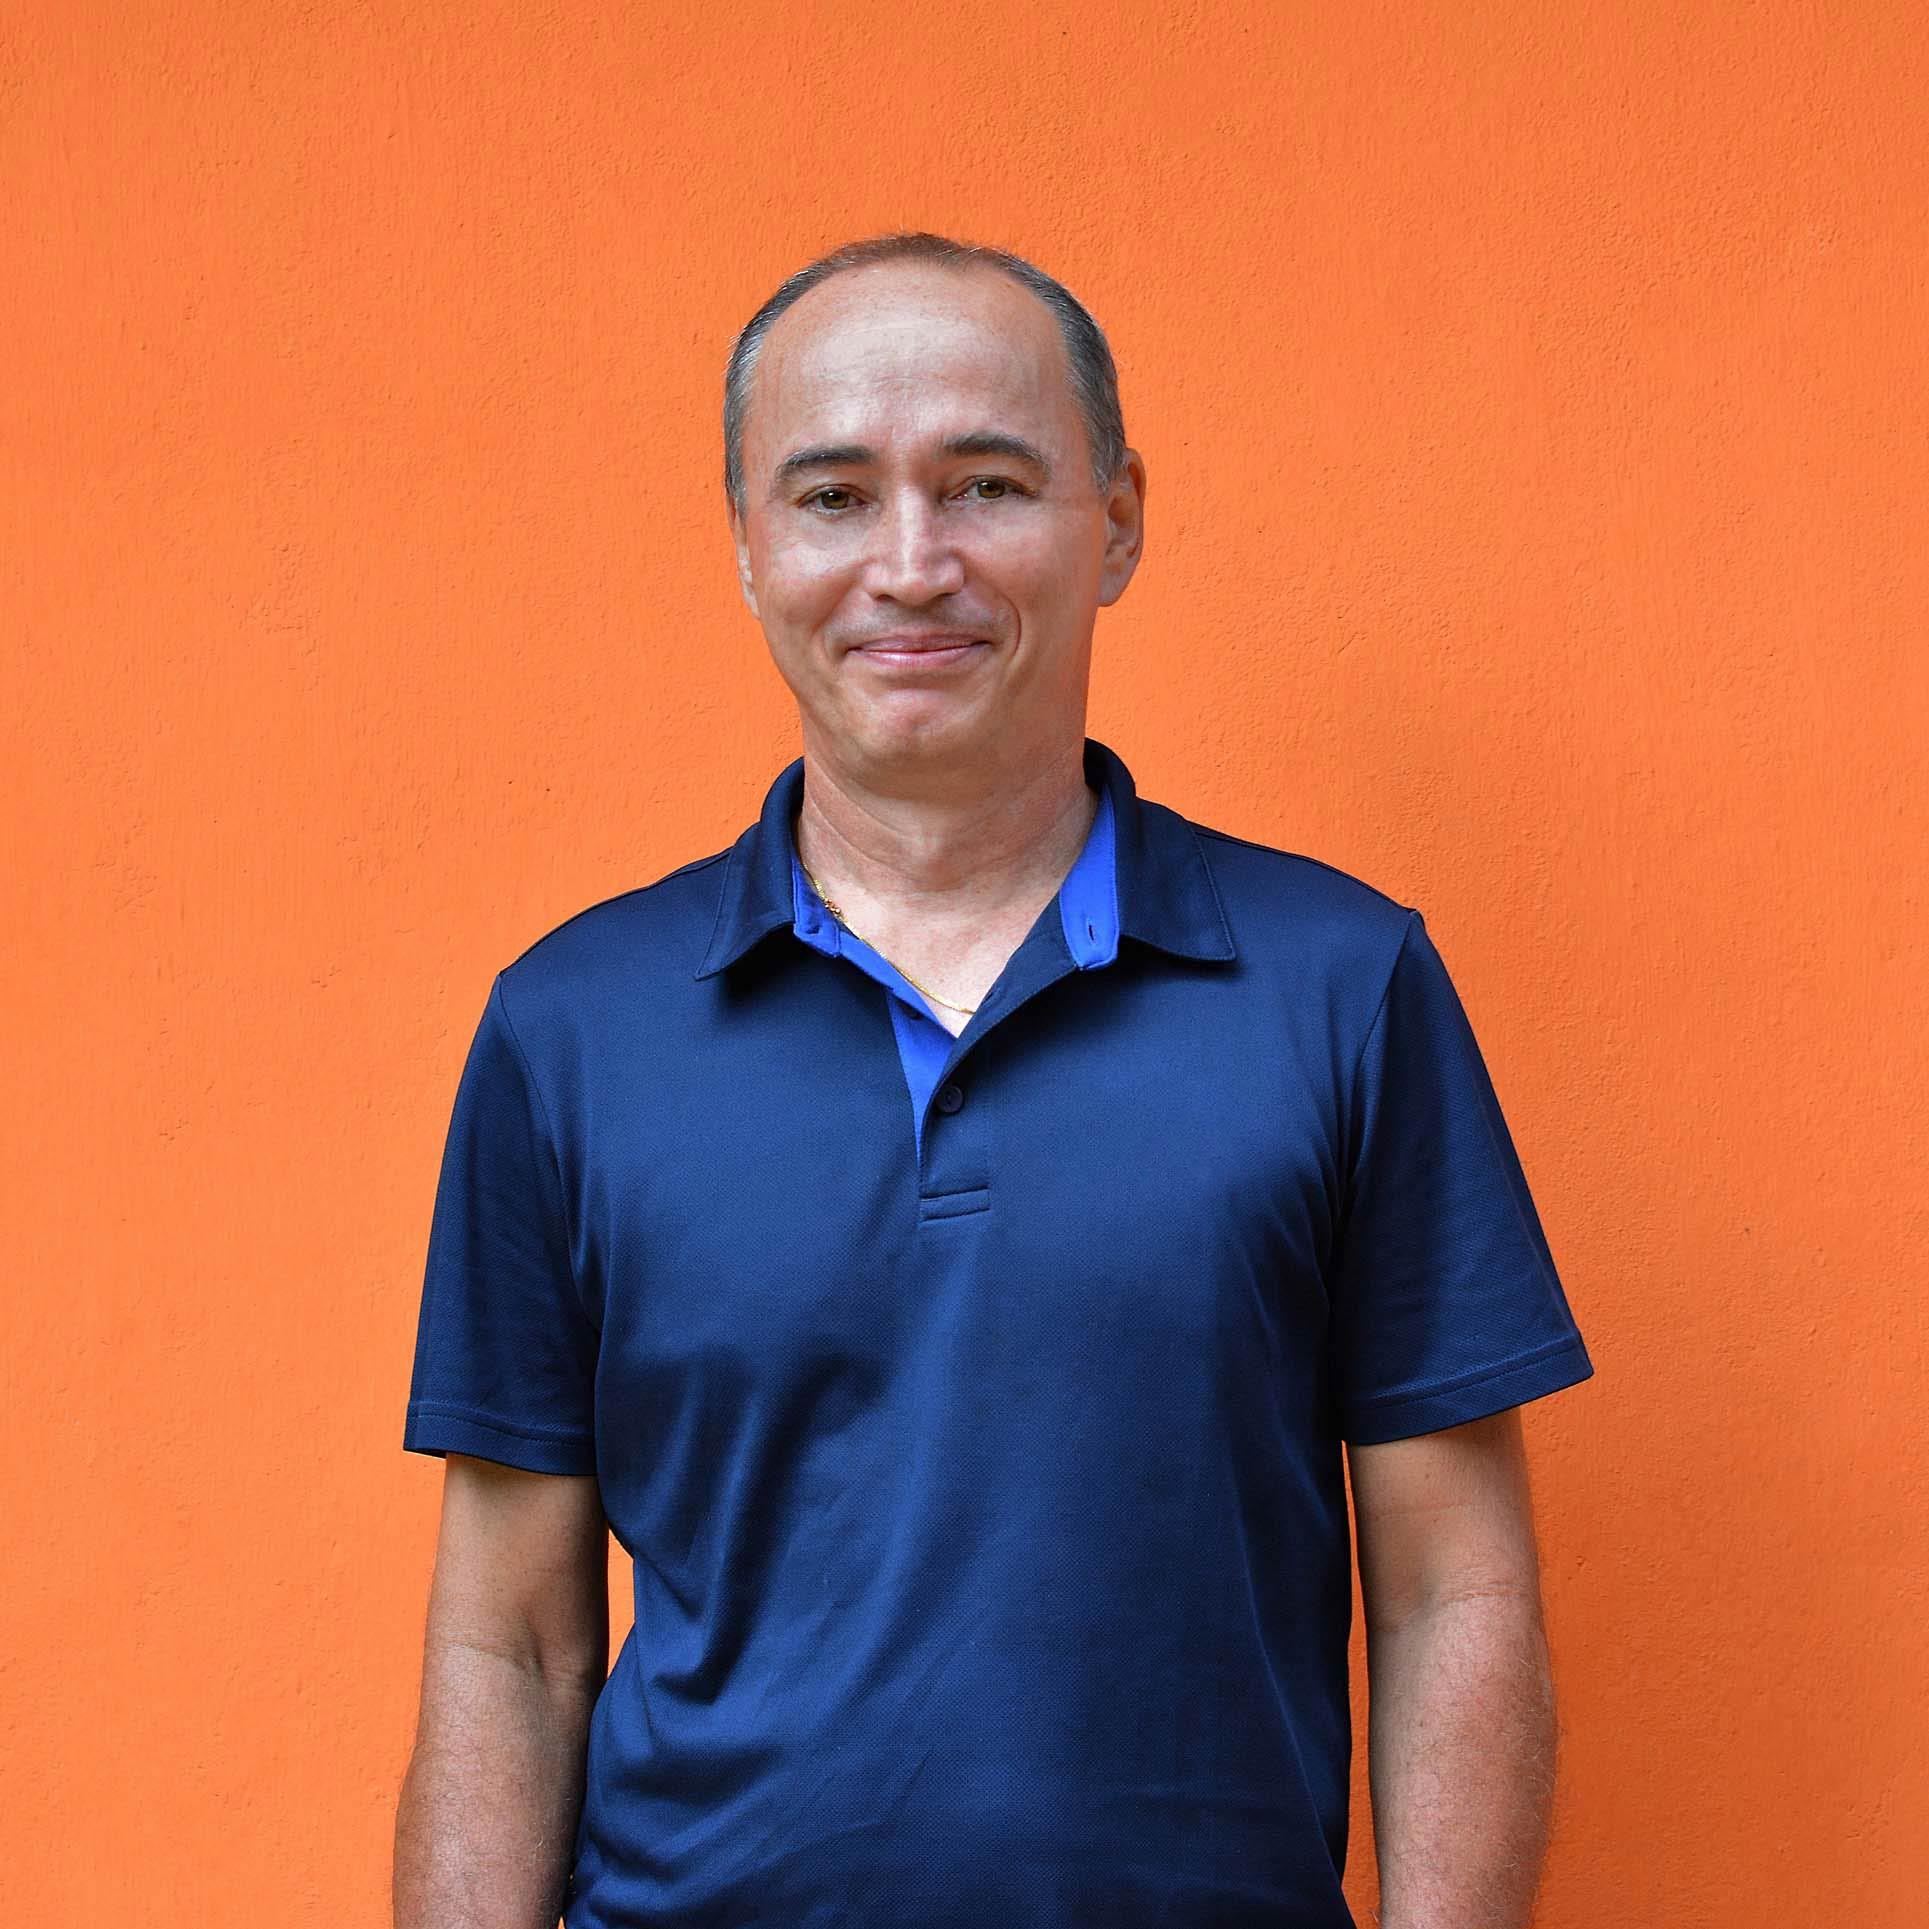 Meet Luk, Founder of Worktree